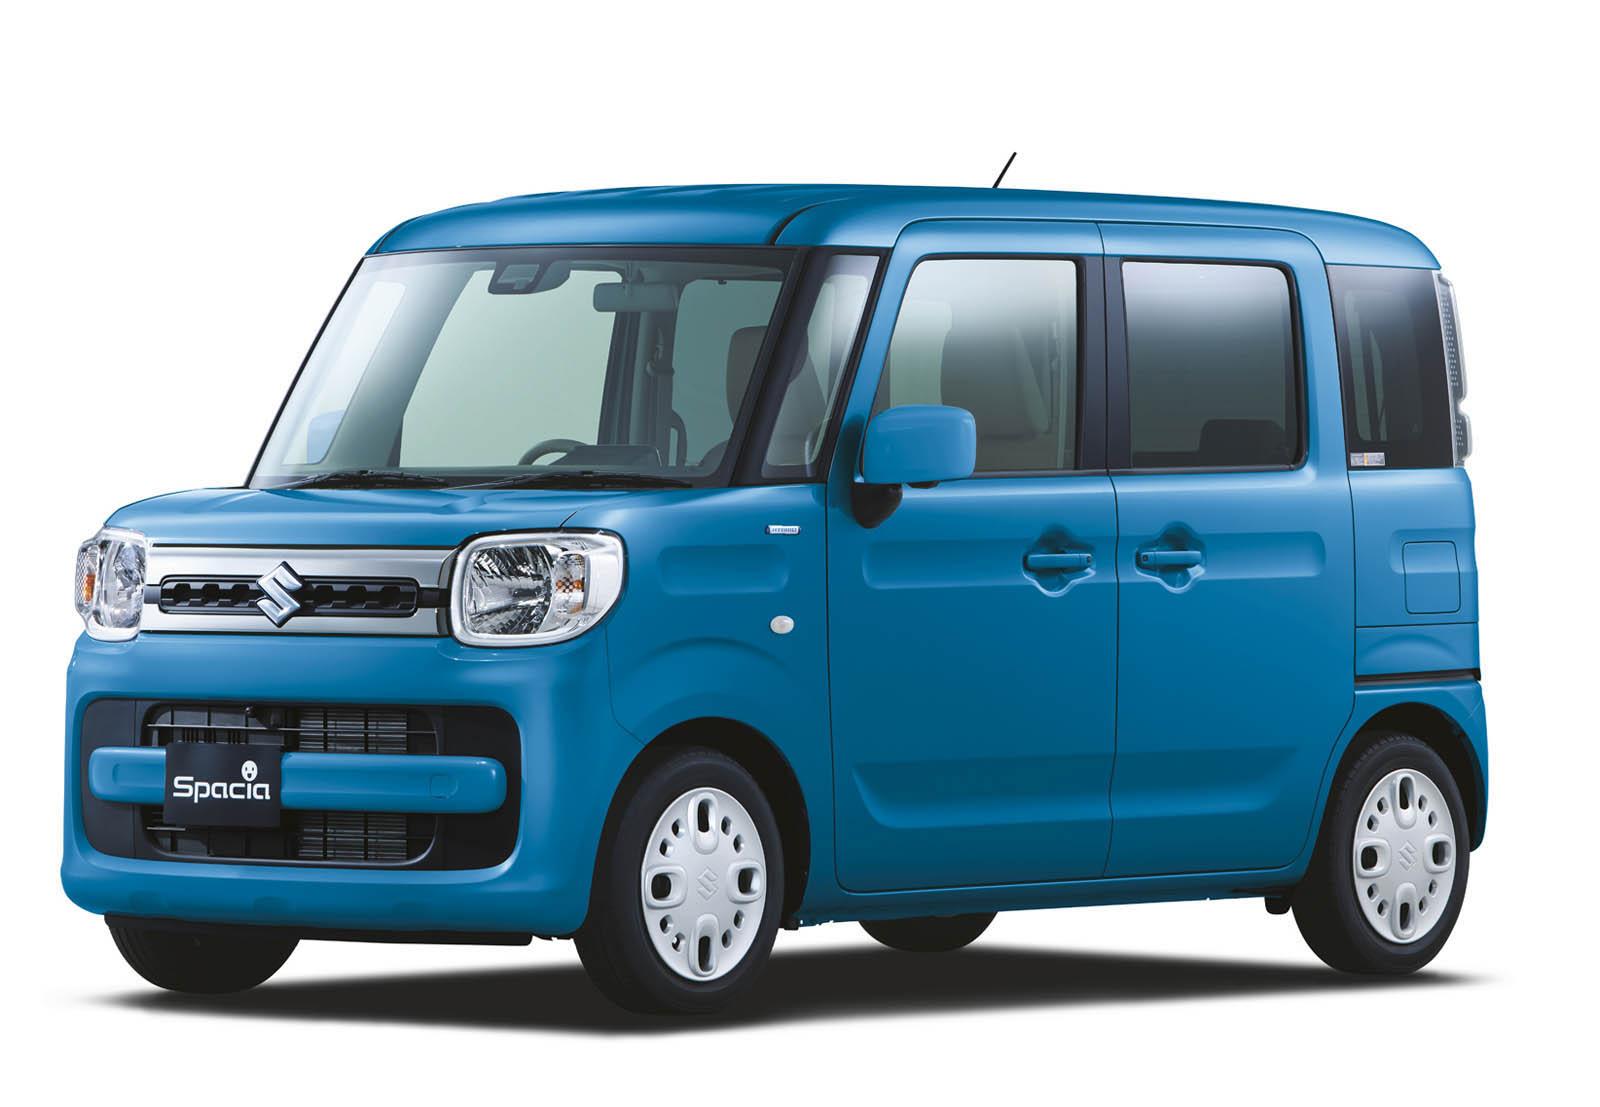 Suzuki Spacia 2018 (12)